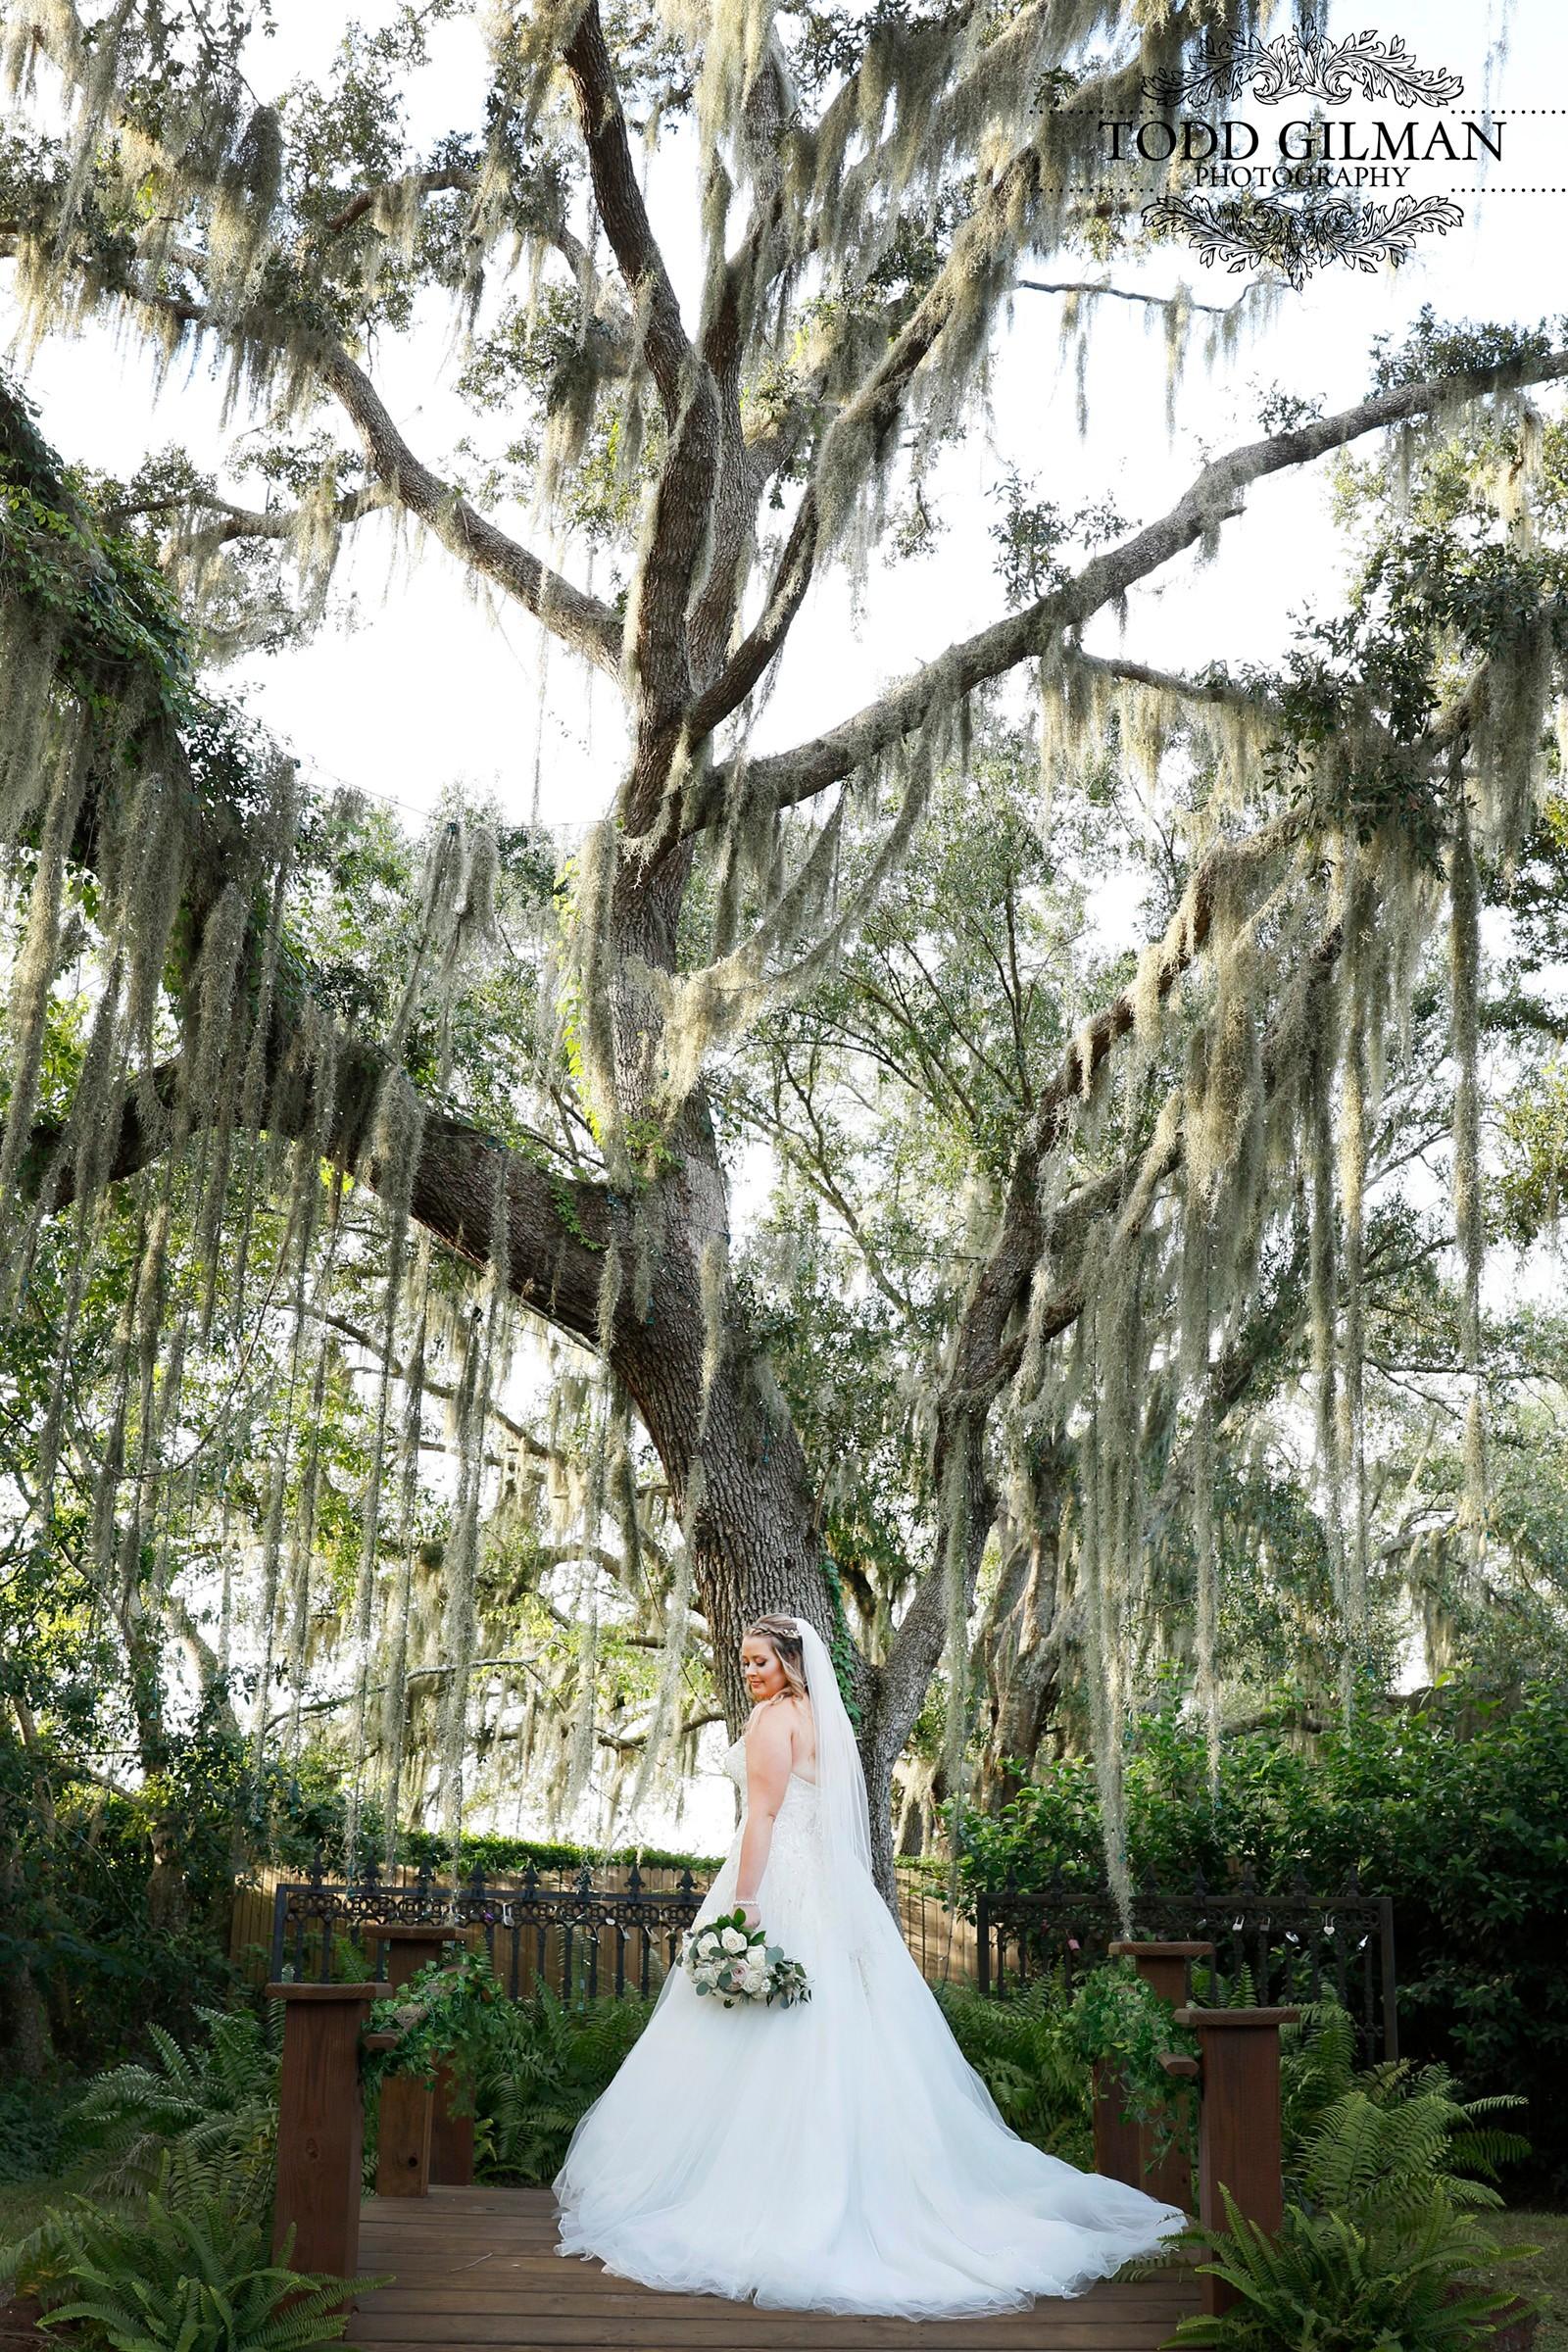 Bakers Ranch- All Inclusive - Wedding Venue  (62).jpg